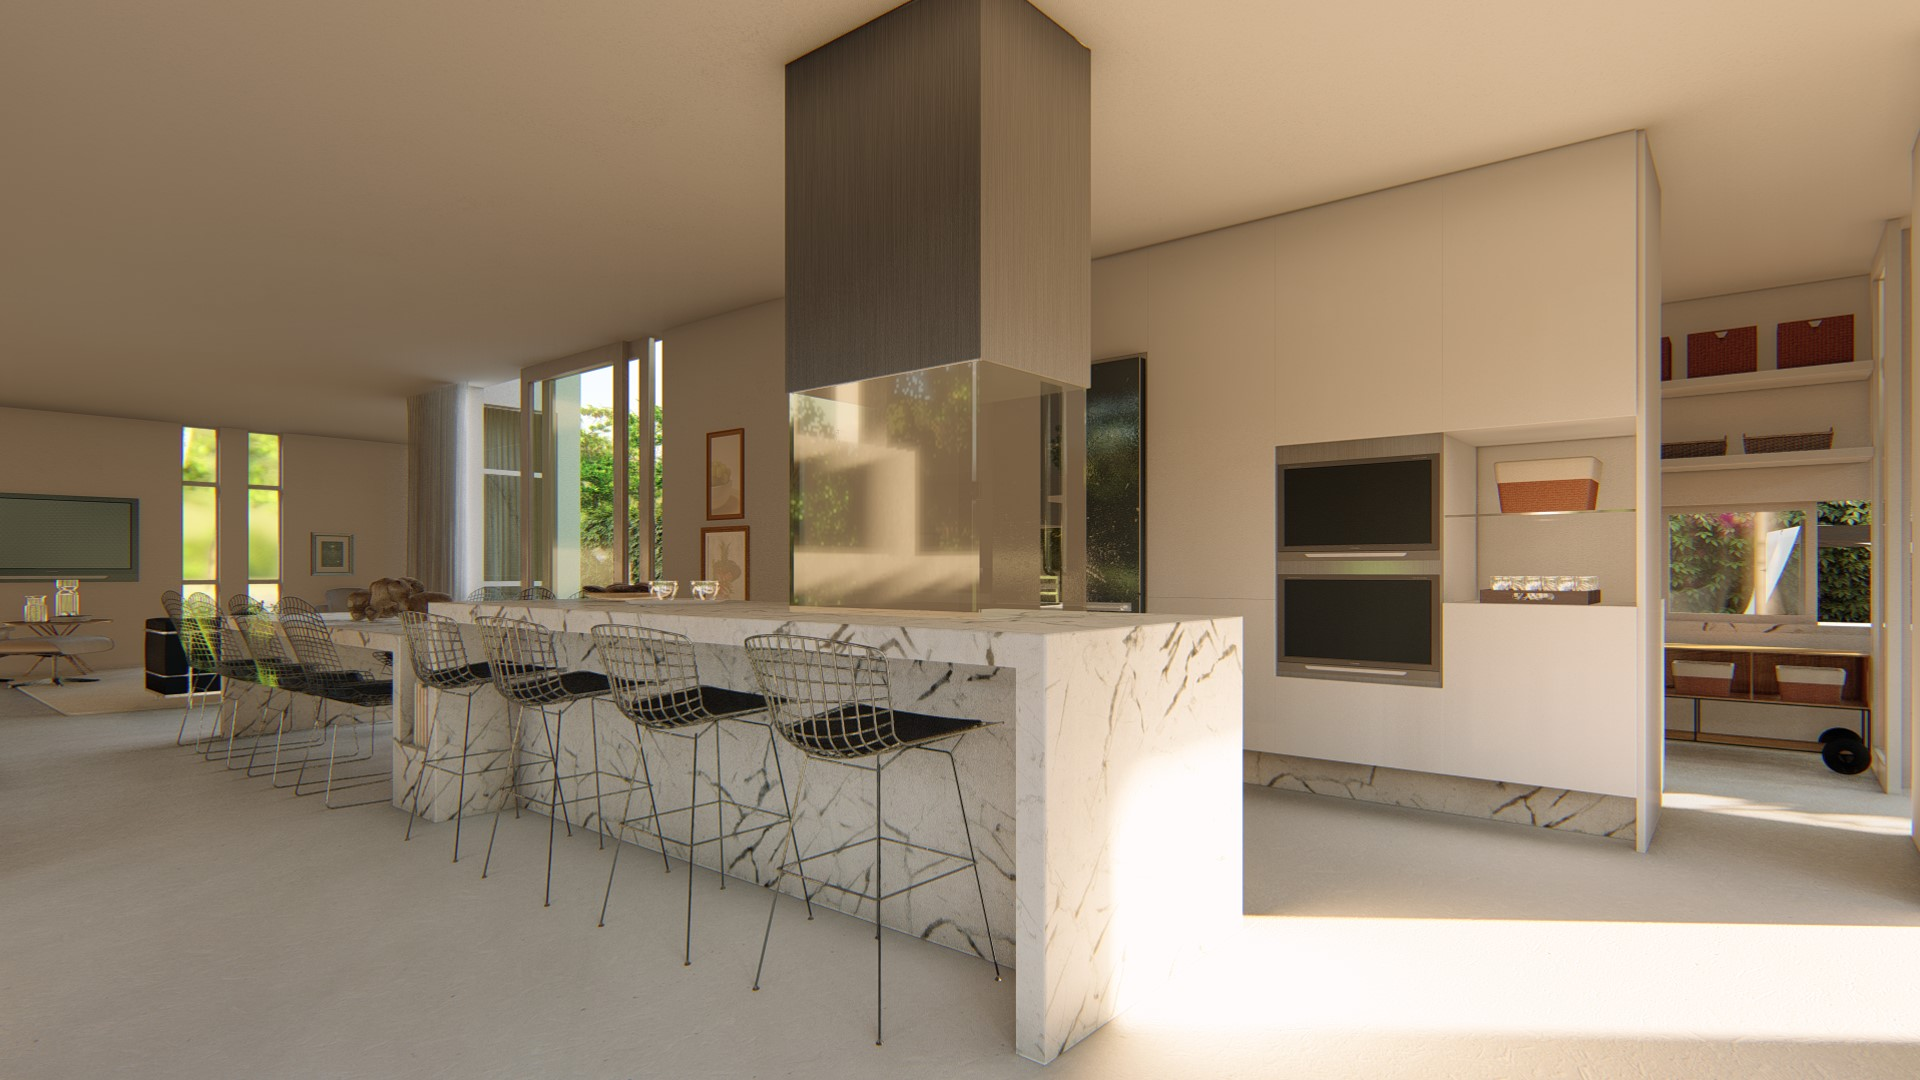 Cozinha integrada com balcão acoplado à mesa